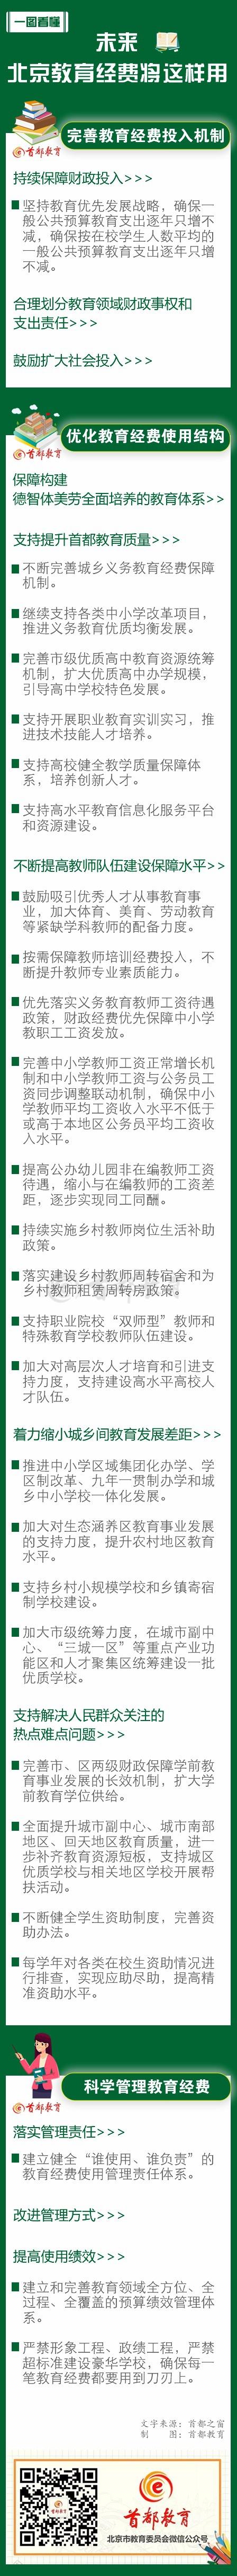 一图看懂北京教育经费未来怎么用